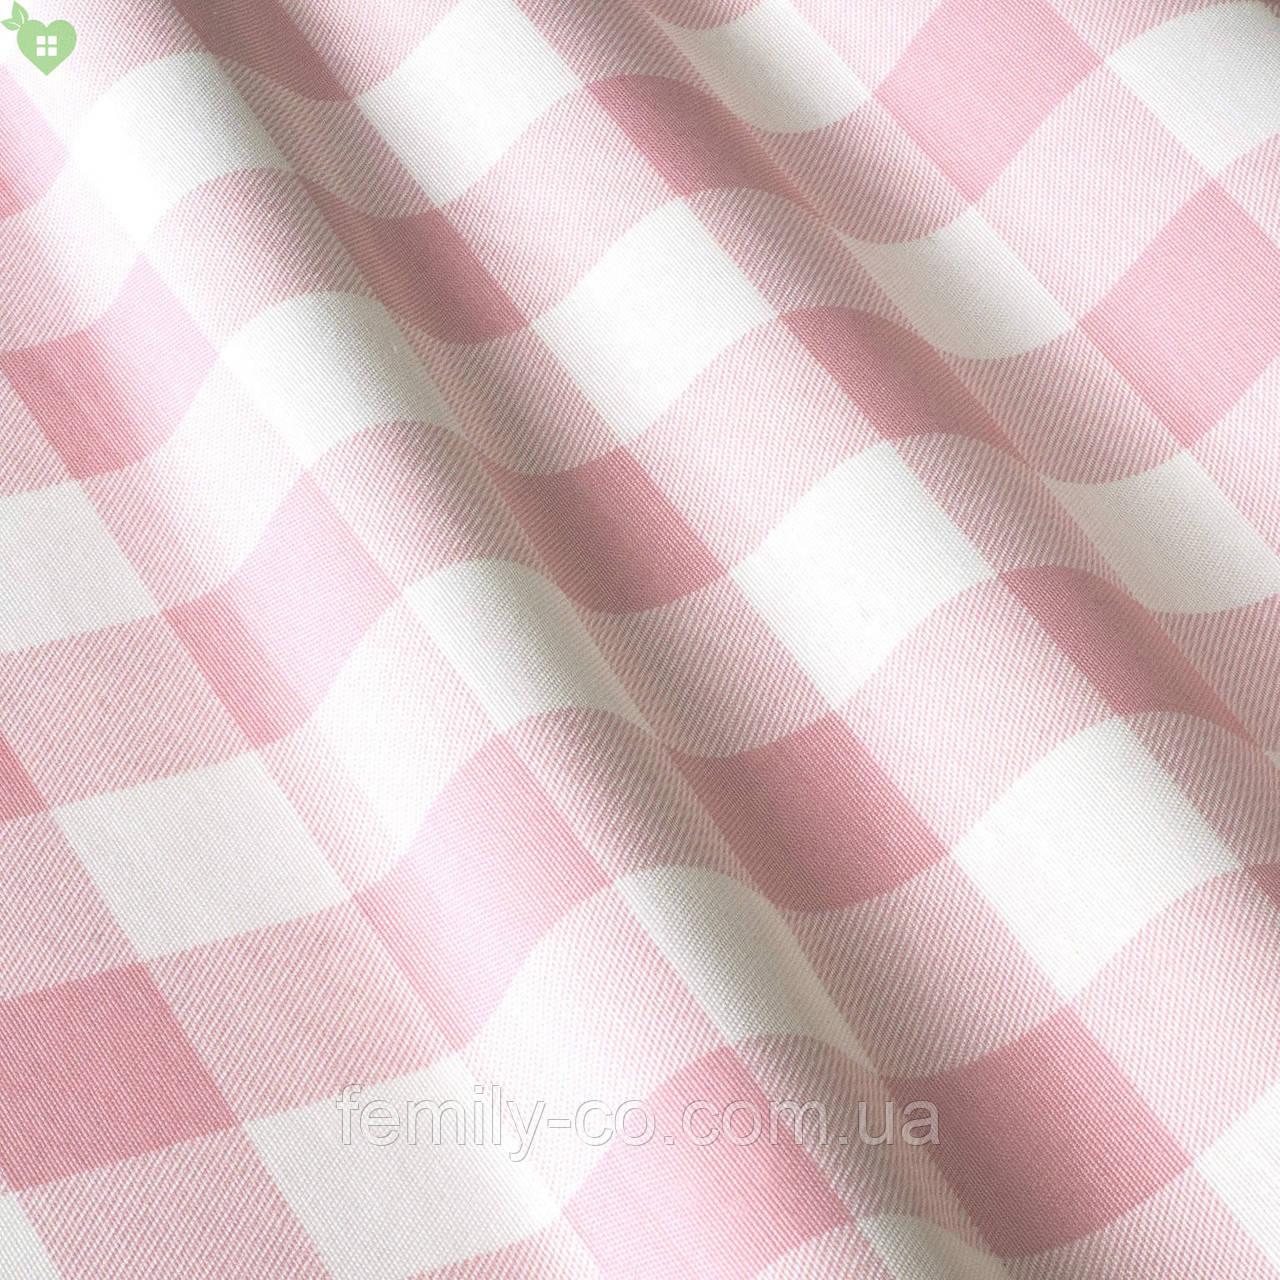 Декоративная ткань в мелкую клетку розового цвета Турция 015236v9